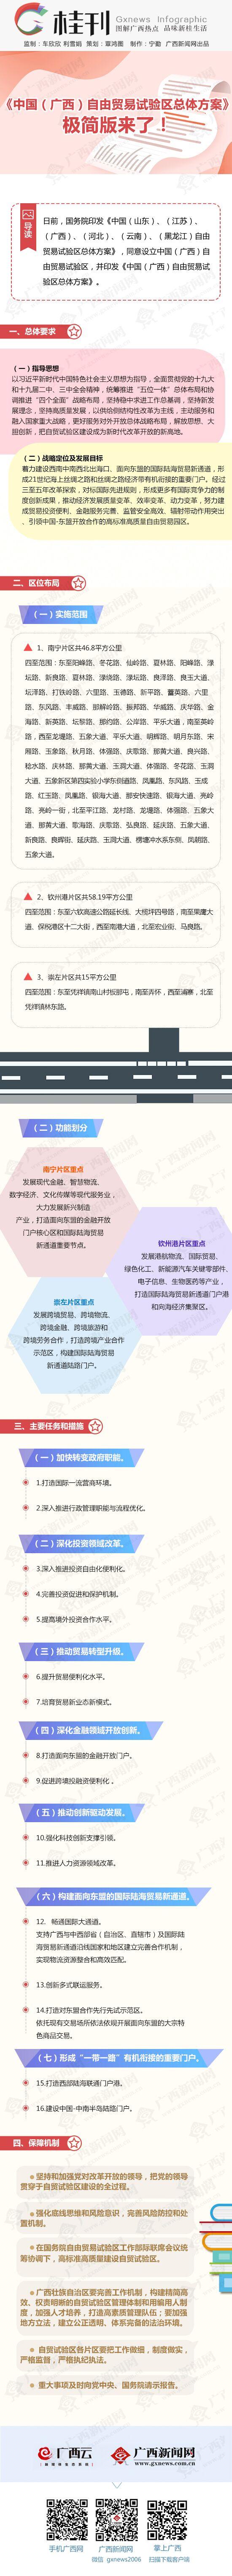 《中国(广西)自由贸易试验区总体方案》极简版